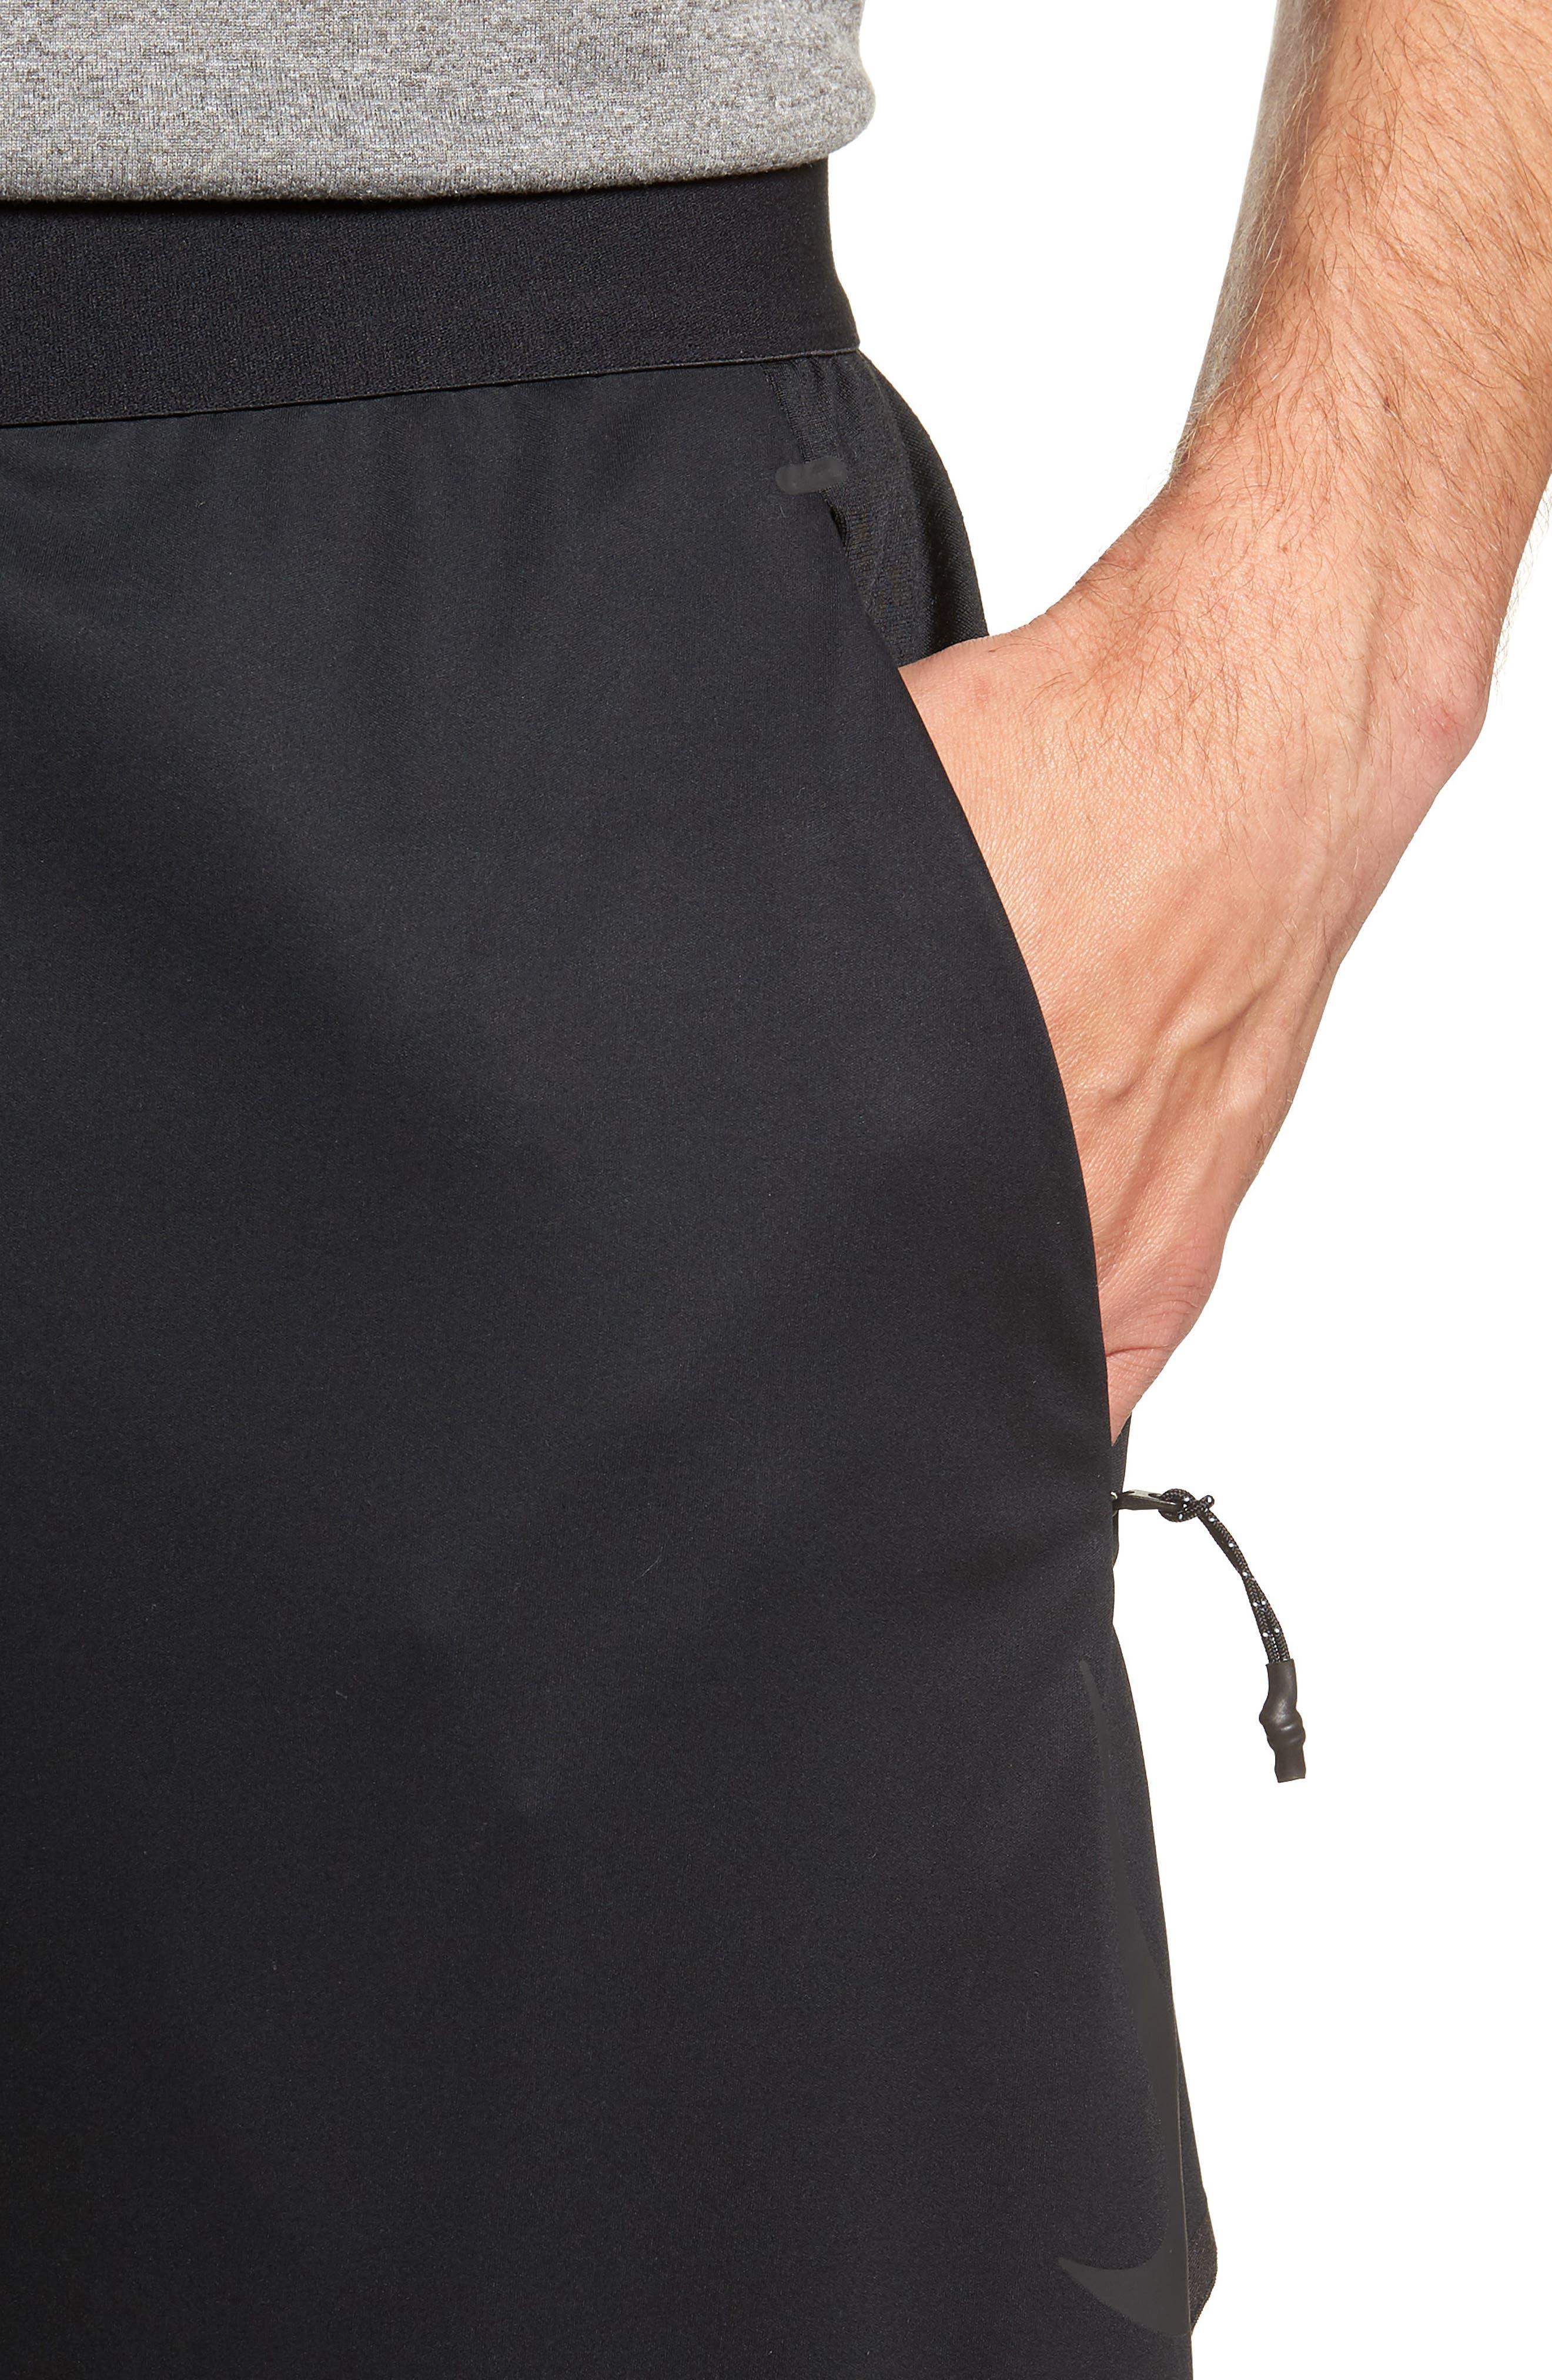 Training Flex Pants,                             Alternate thumbnail 4, color,                             BLACK/ BLACK